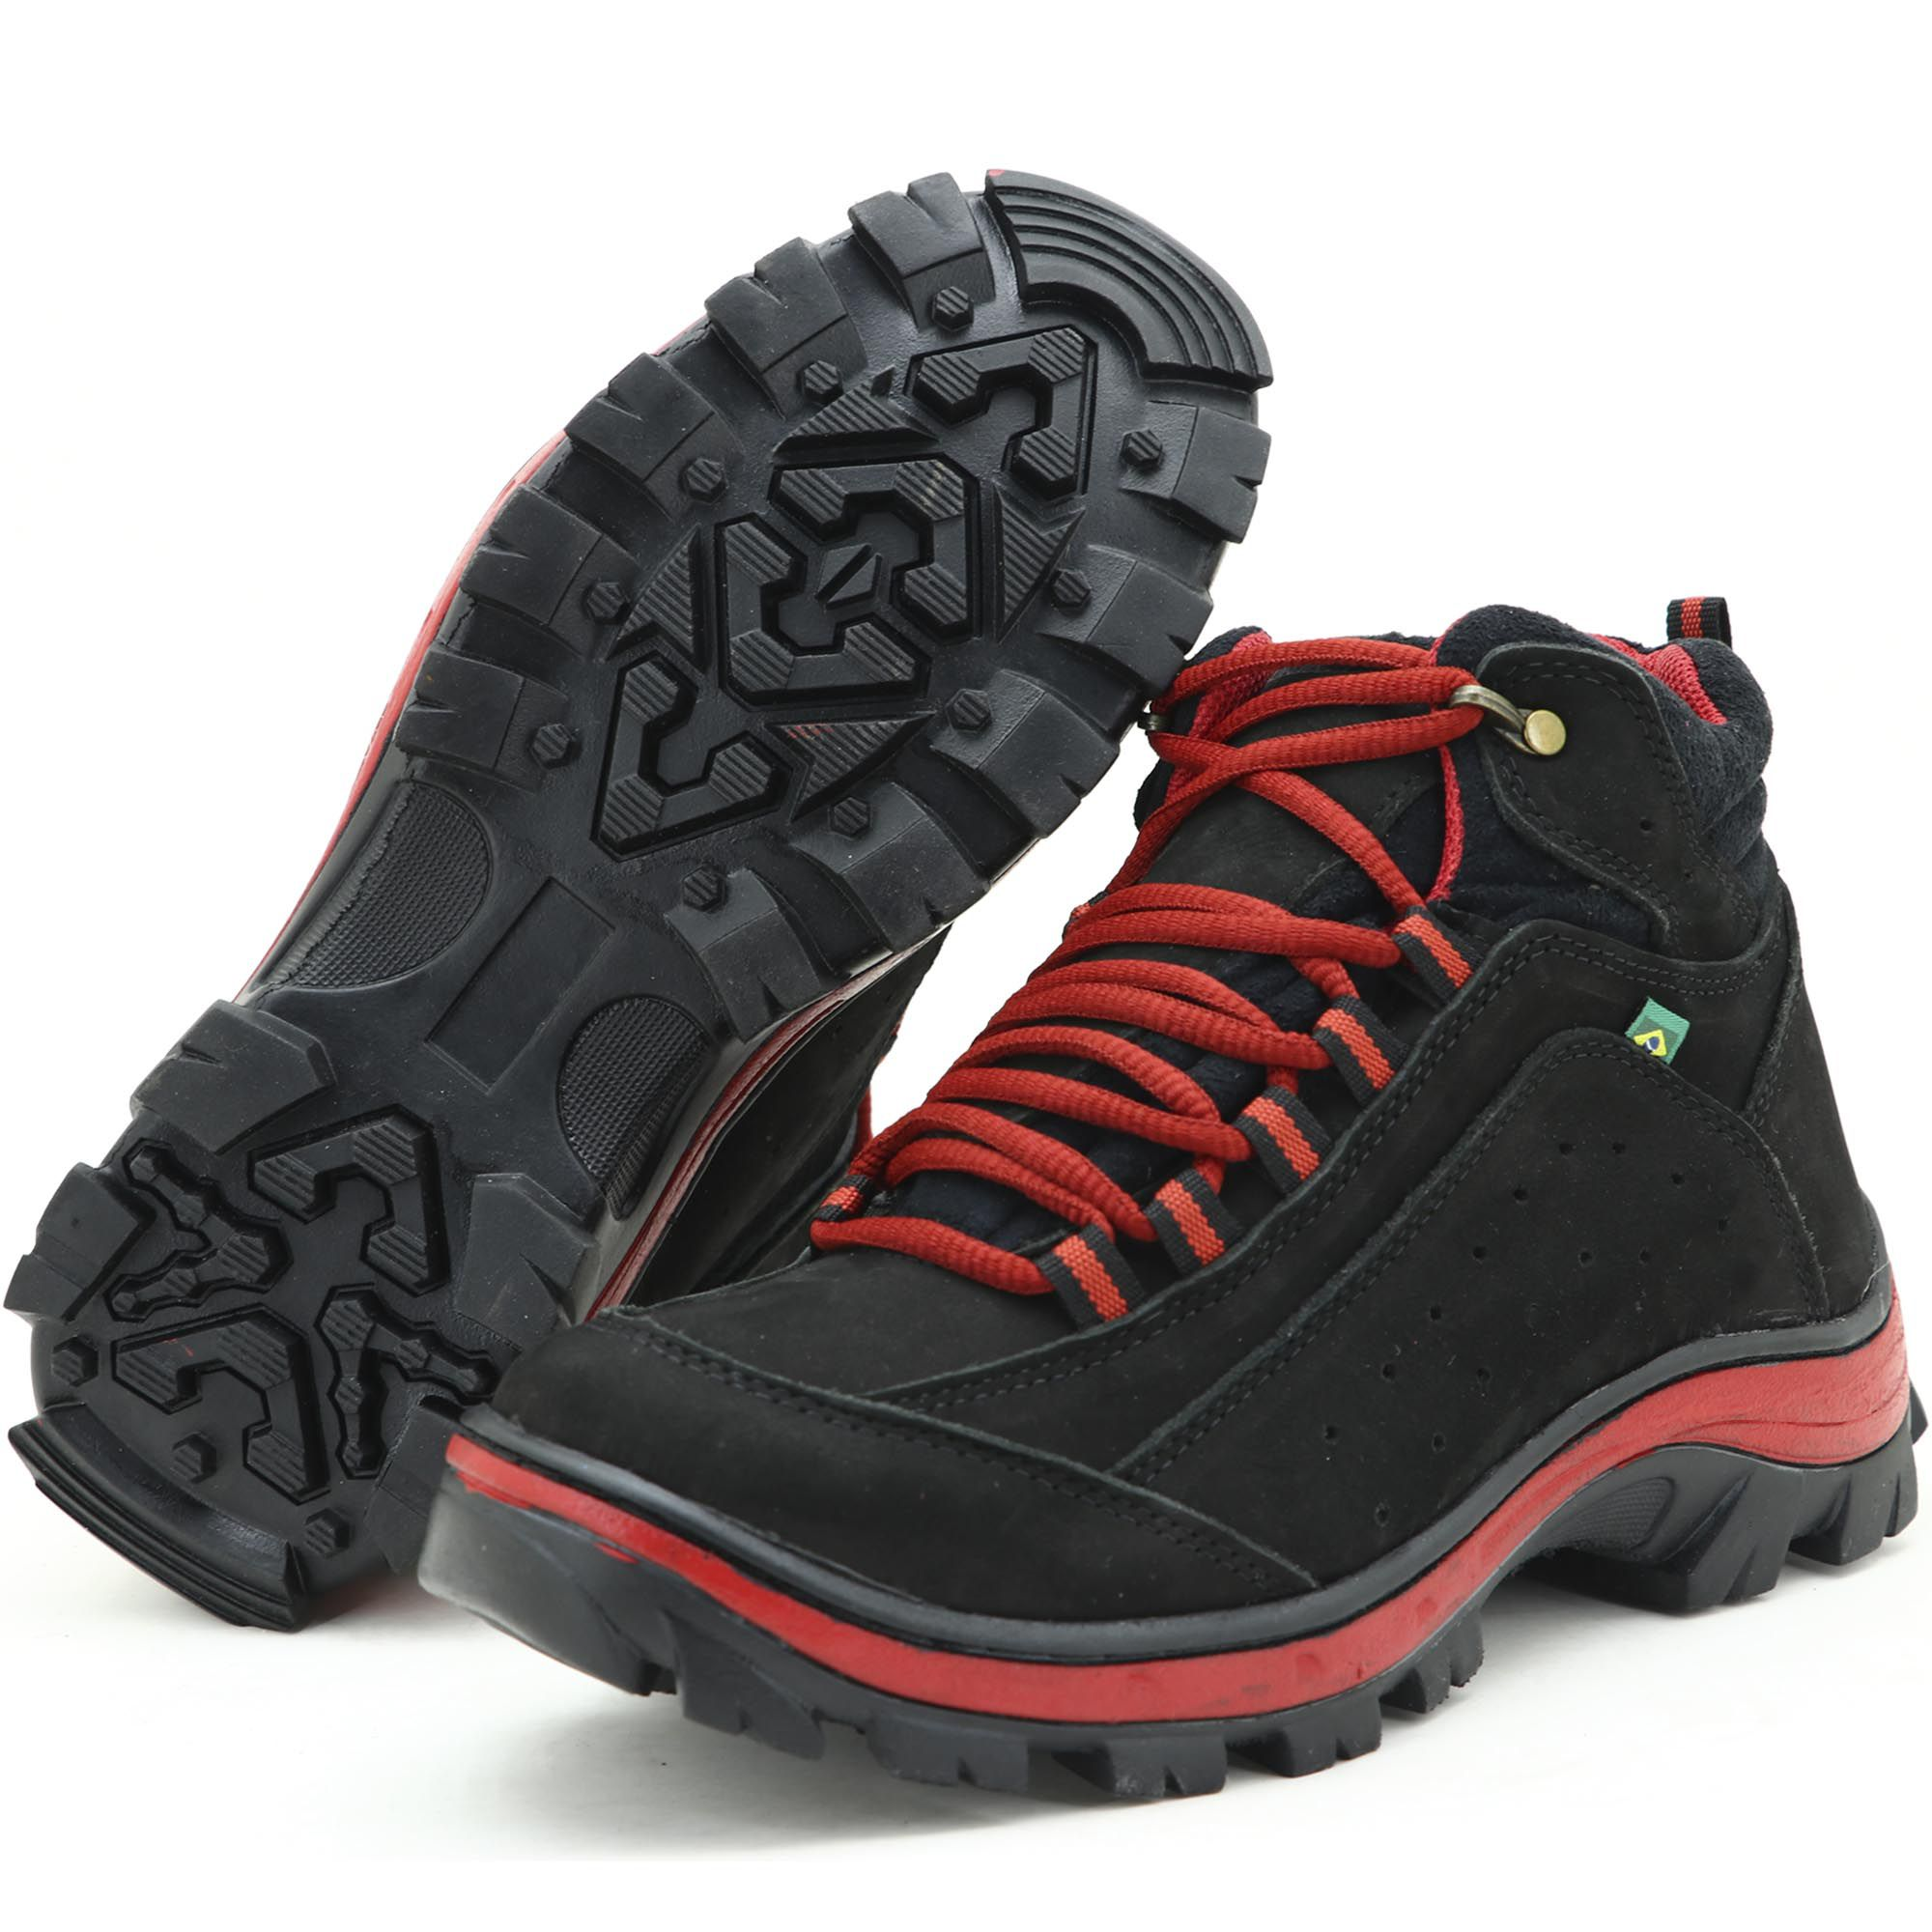 Coturno Adventure para trekking em couro preto e vermelho 019